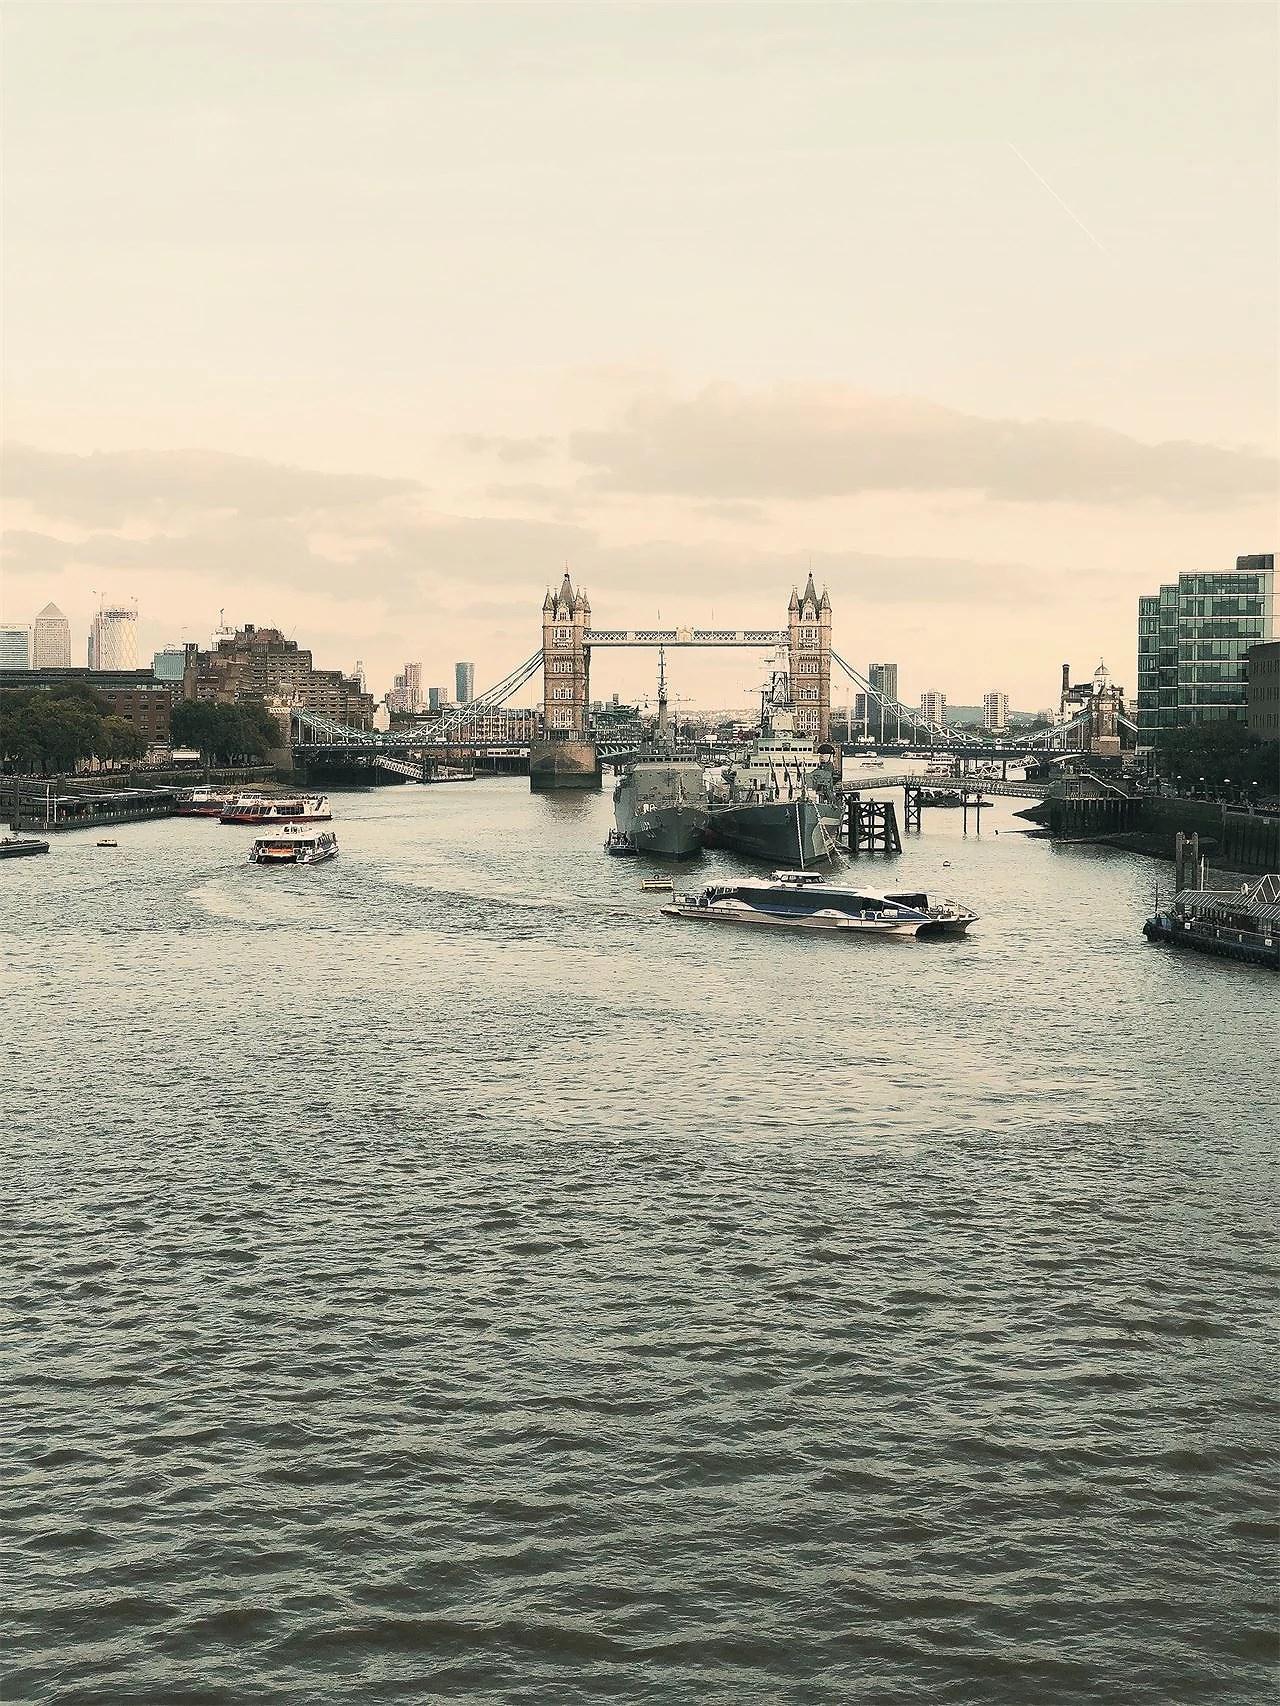 London weekend!